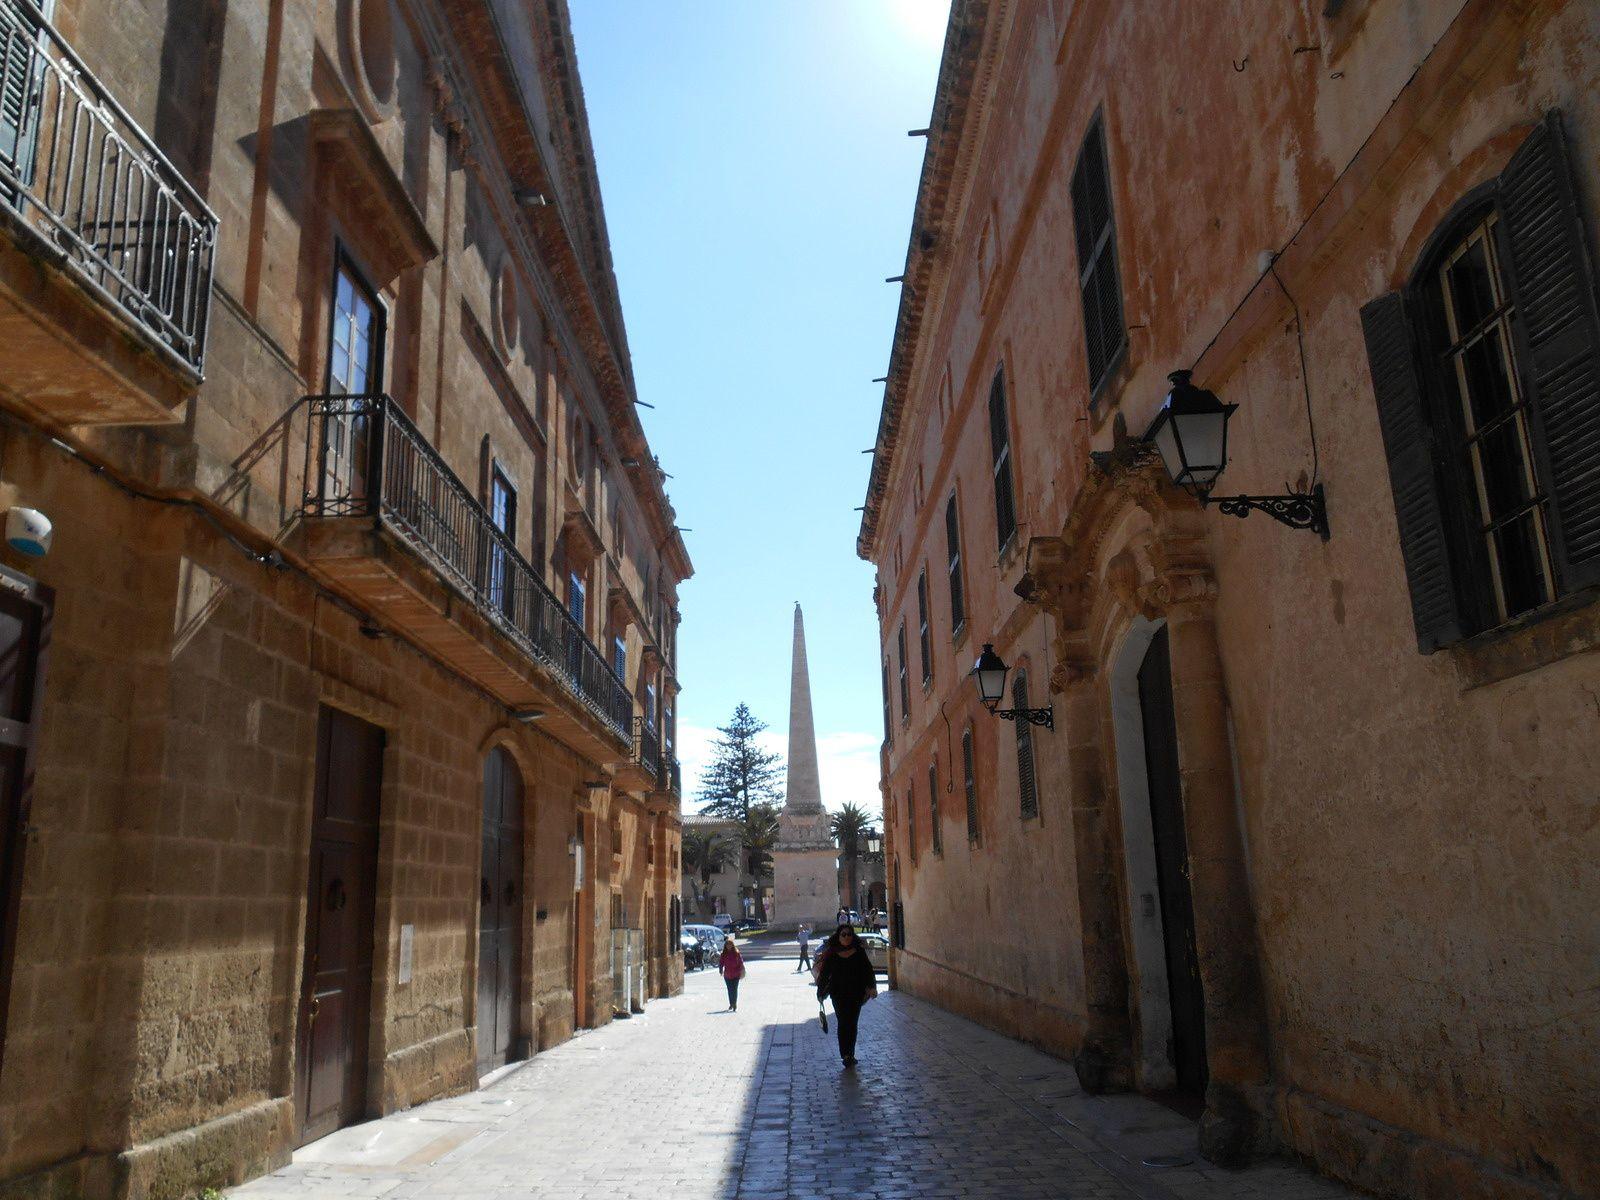 En 1558, 15000 pirates Turcs firent le siège de la ville. Celà dura 9 jours. Pour commémorer cette résistance, cette obélisque a été érigée sur la Plaça dets Born.